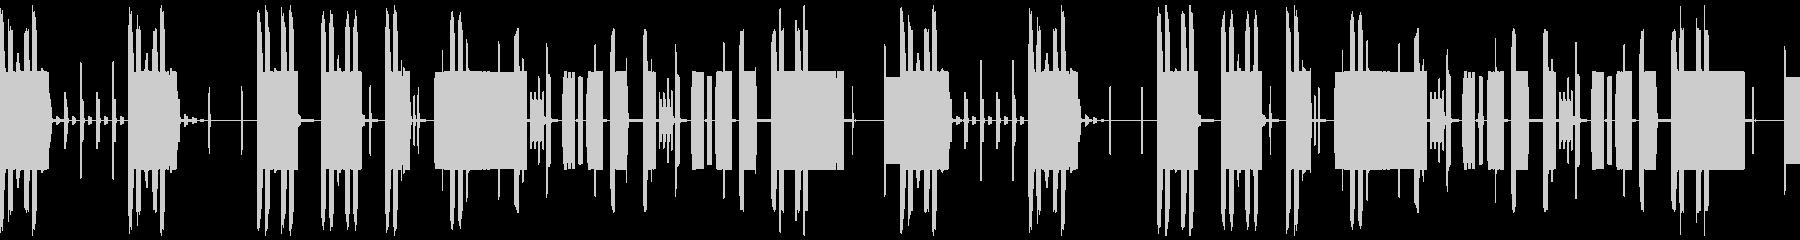 FC風ループ 調べるしかないねの未再生の波形